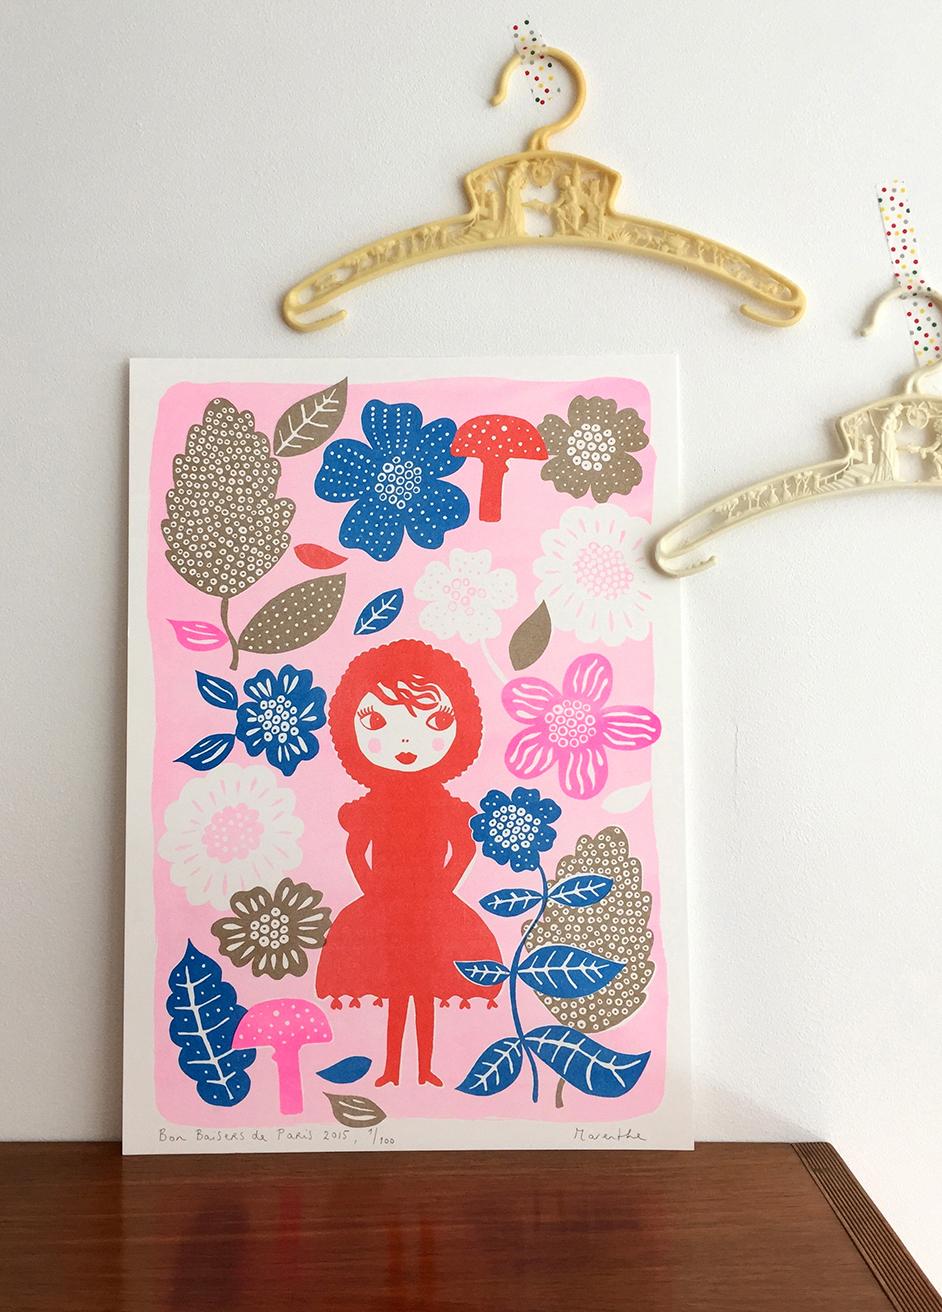 bezoek ook Marenthe's etsy shop - Hier vind je o.a. kleurrijke riso-prints (een relatief nieuwe techniek, ontwikkeld in Japan rond 1980) en bijzondere wenskaarten.